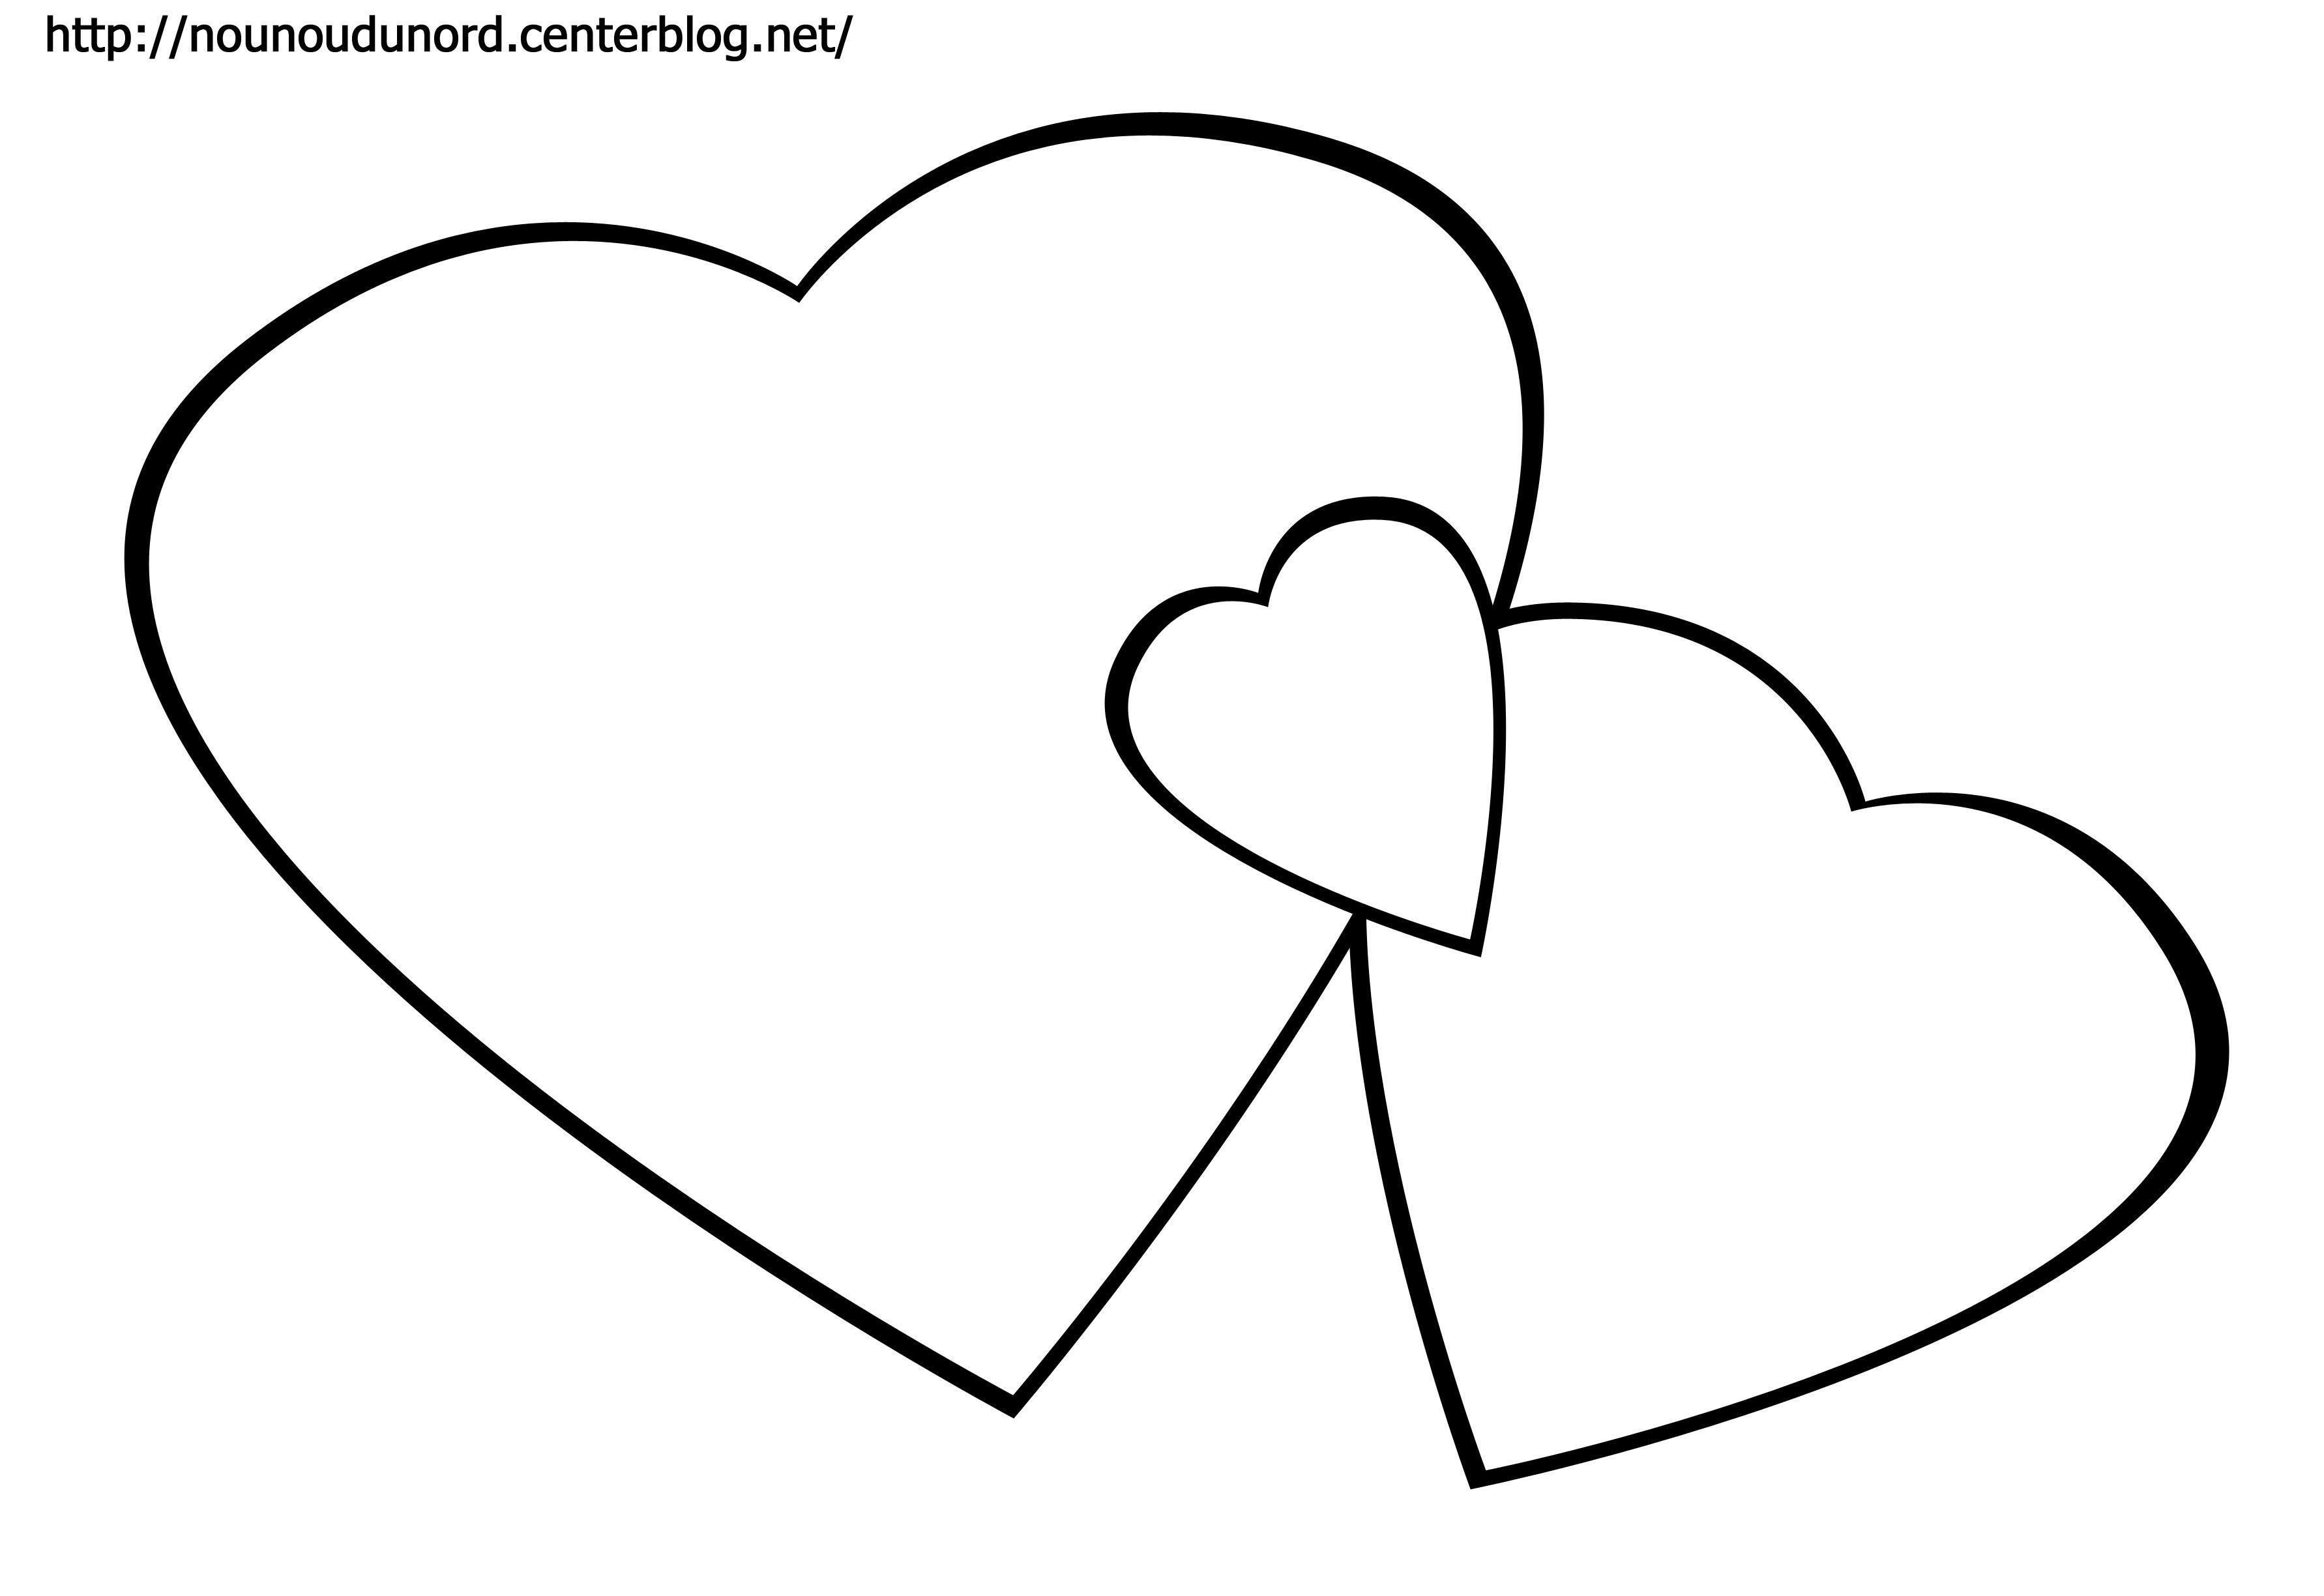 Coloriage coeur dessin par nounoudunord - Images avec des coeurs ...